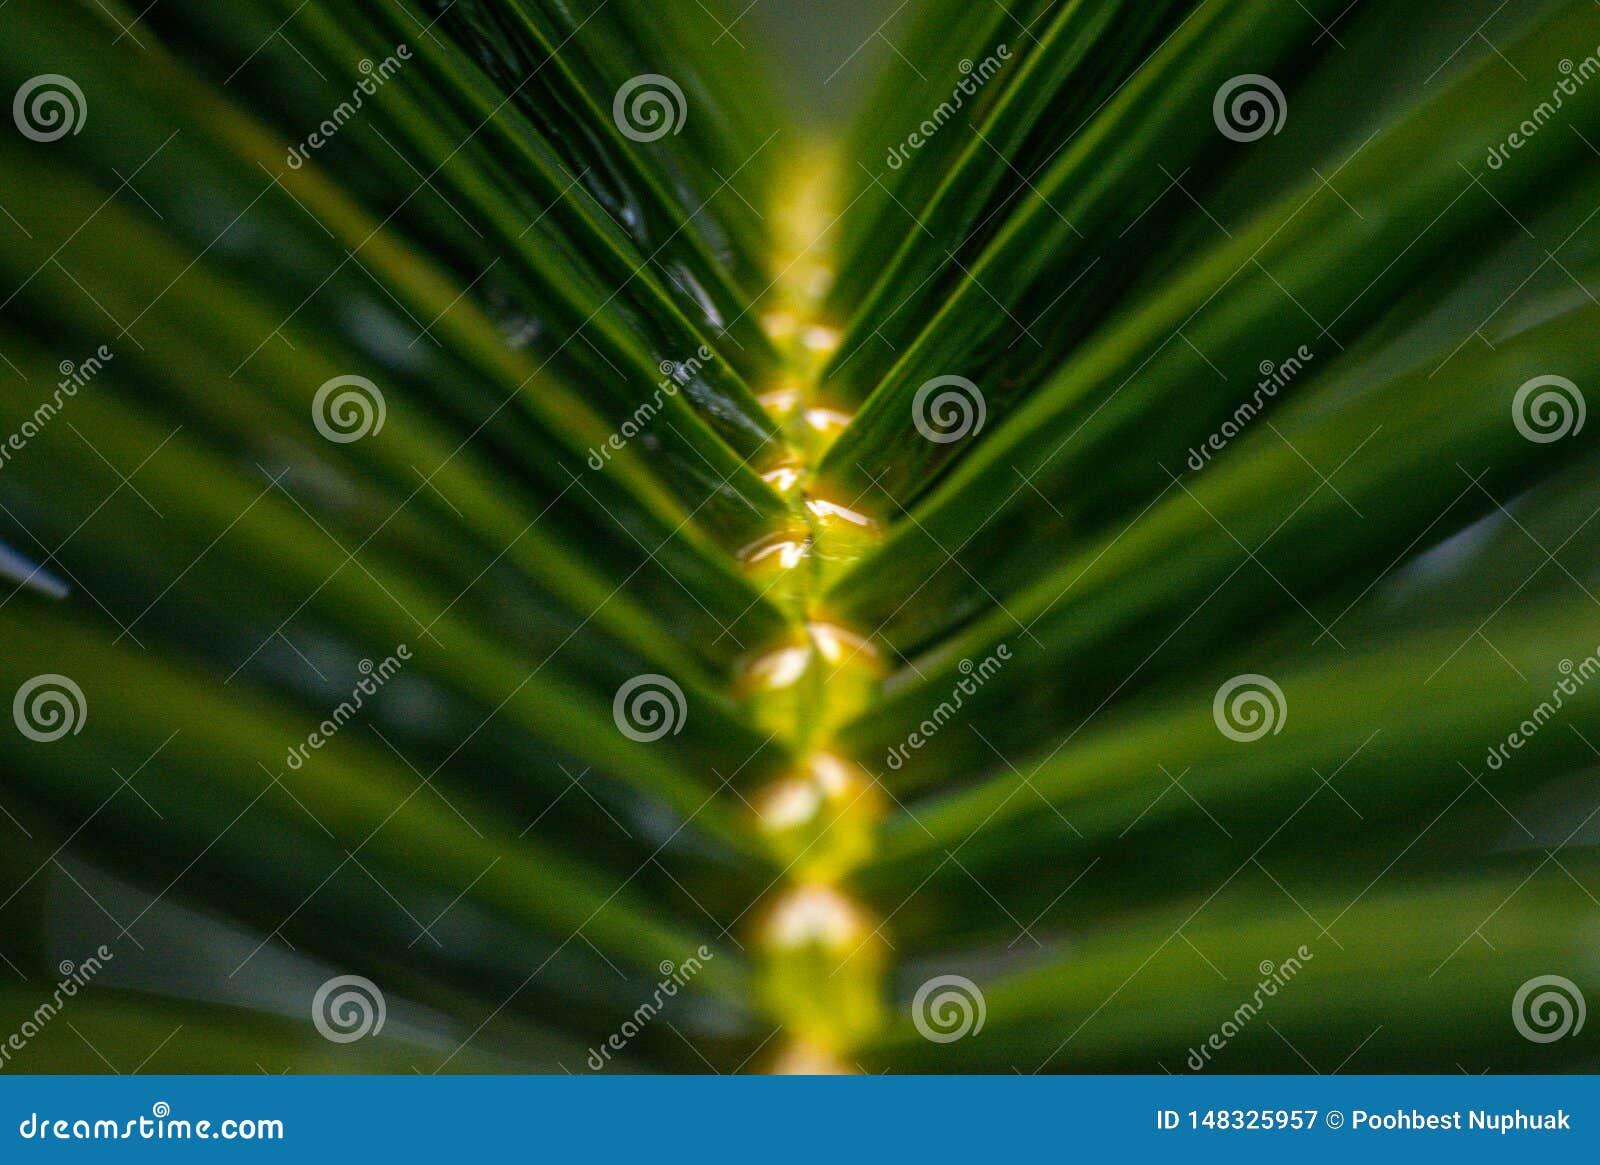 Verwischen Sie die Blätter von Palmen